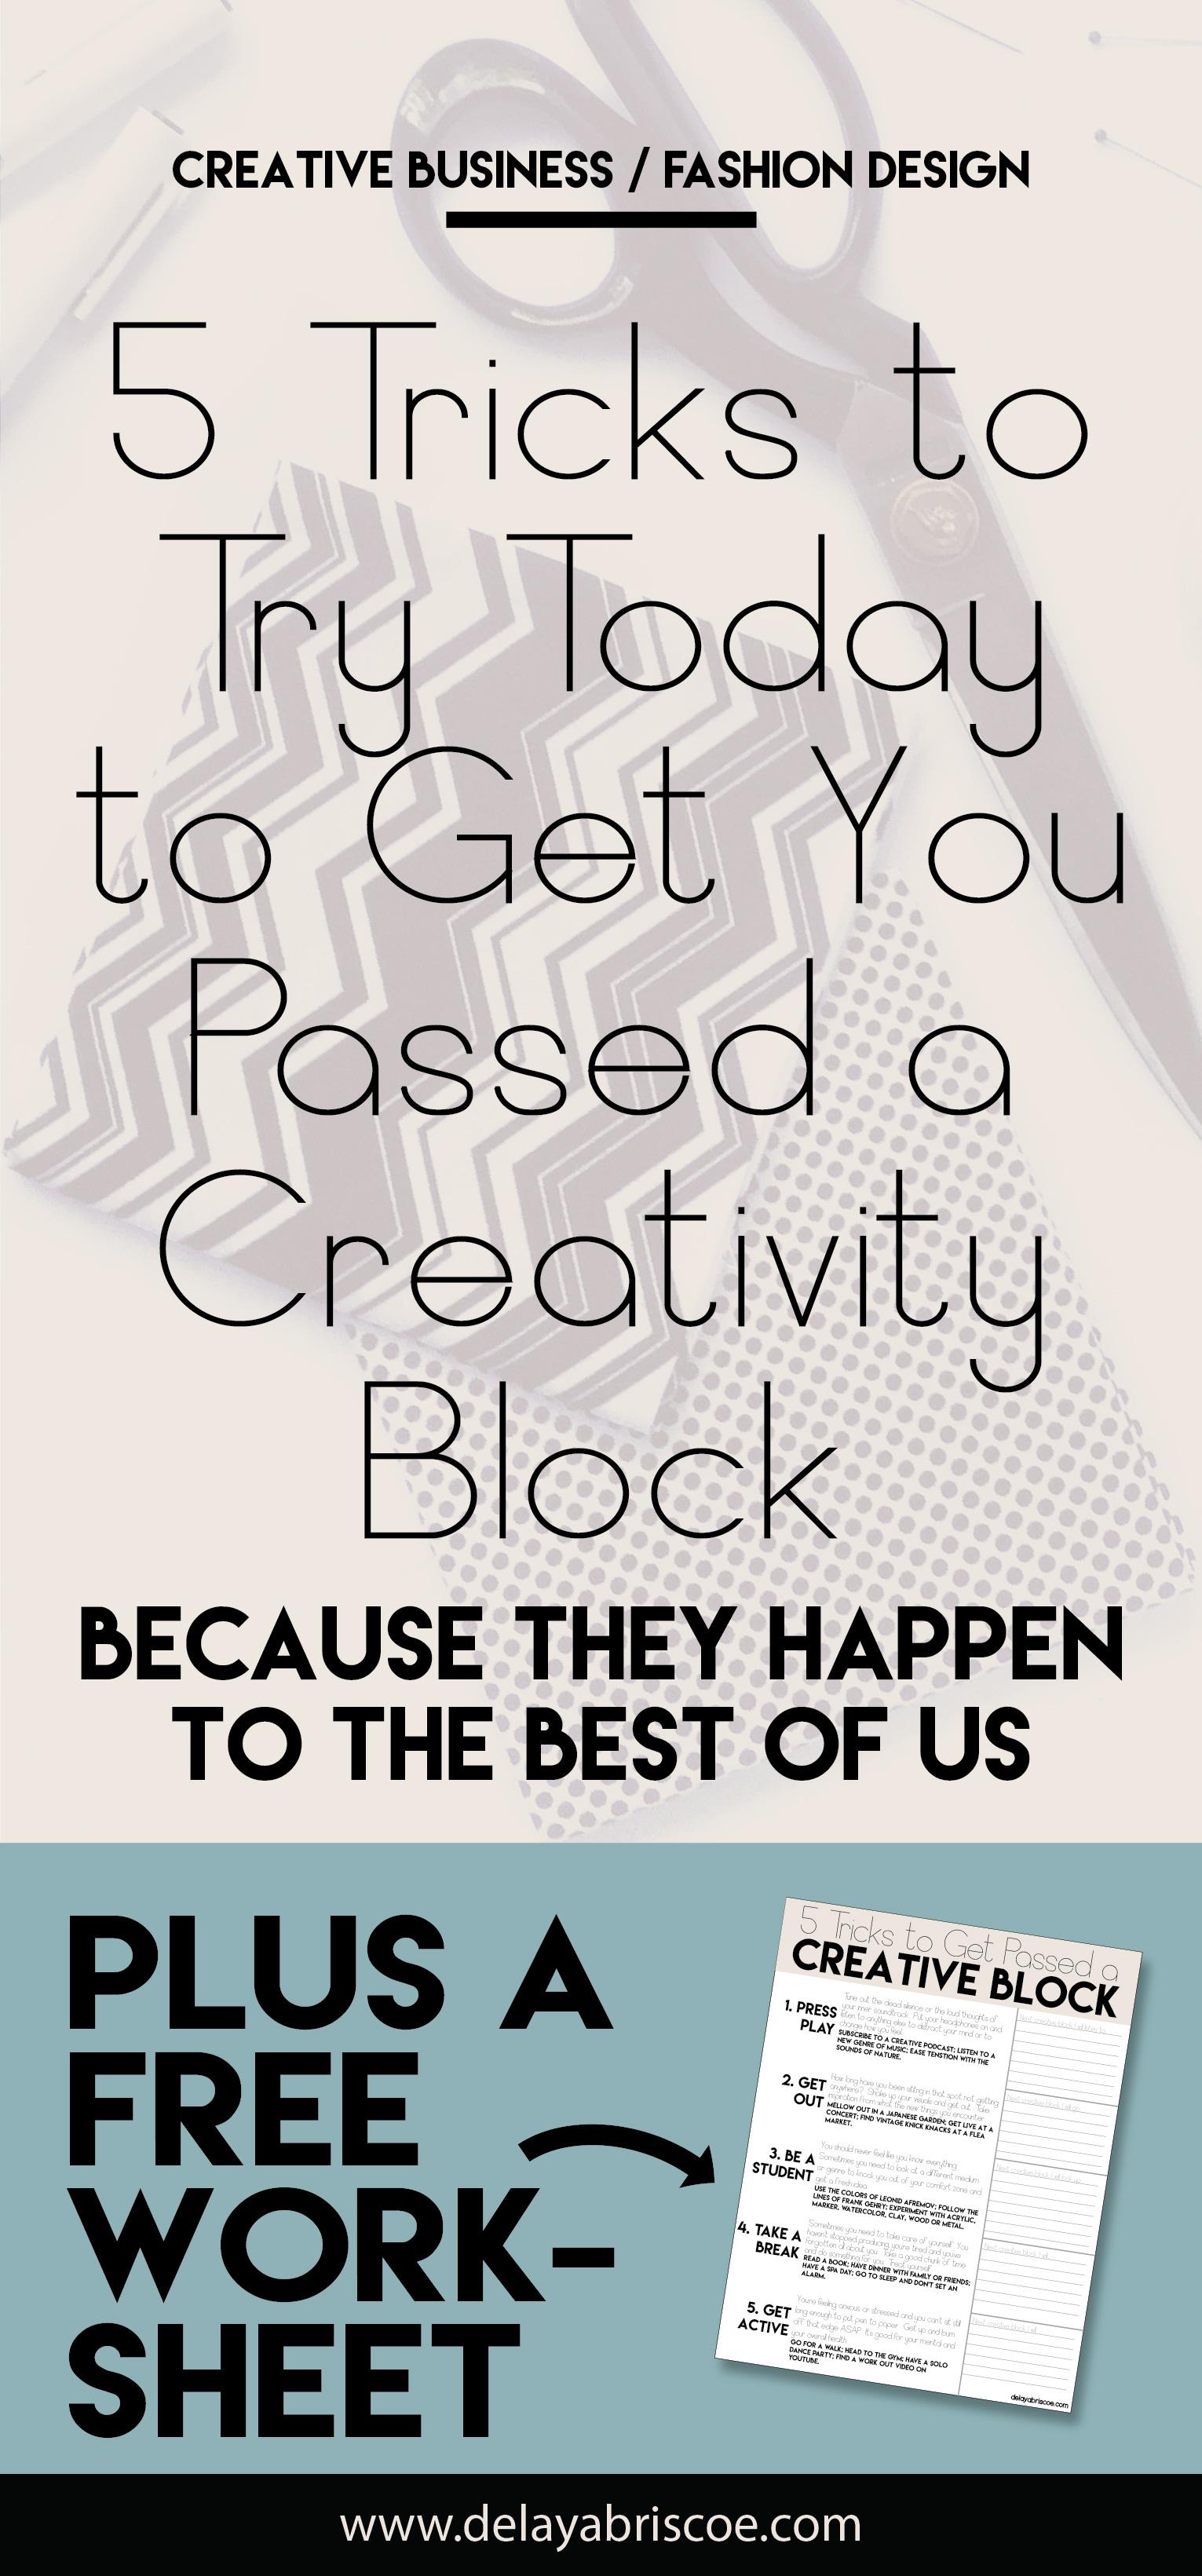 GET-PASSED-CREATIVE-BLOCK